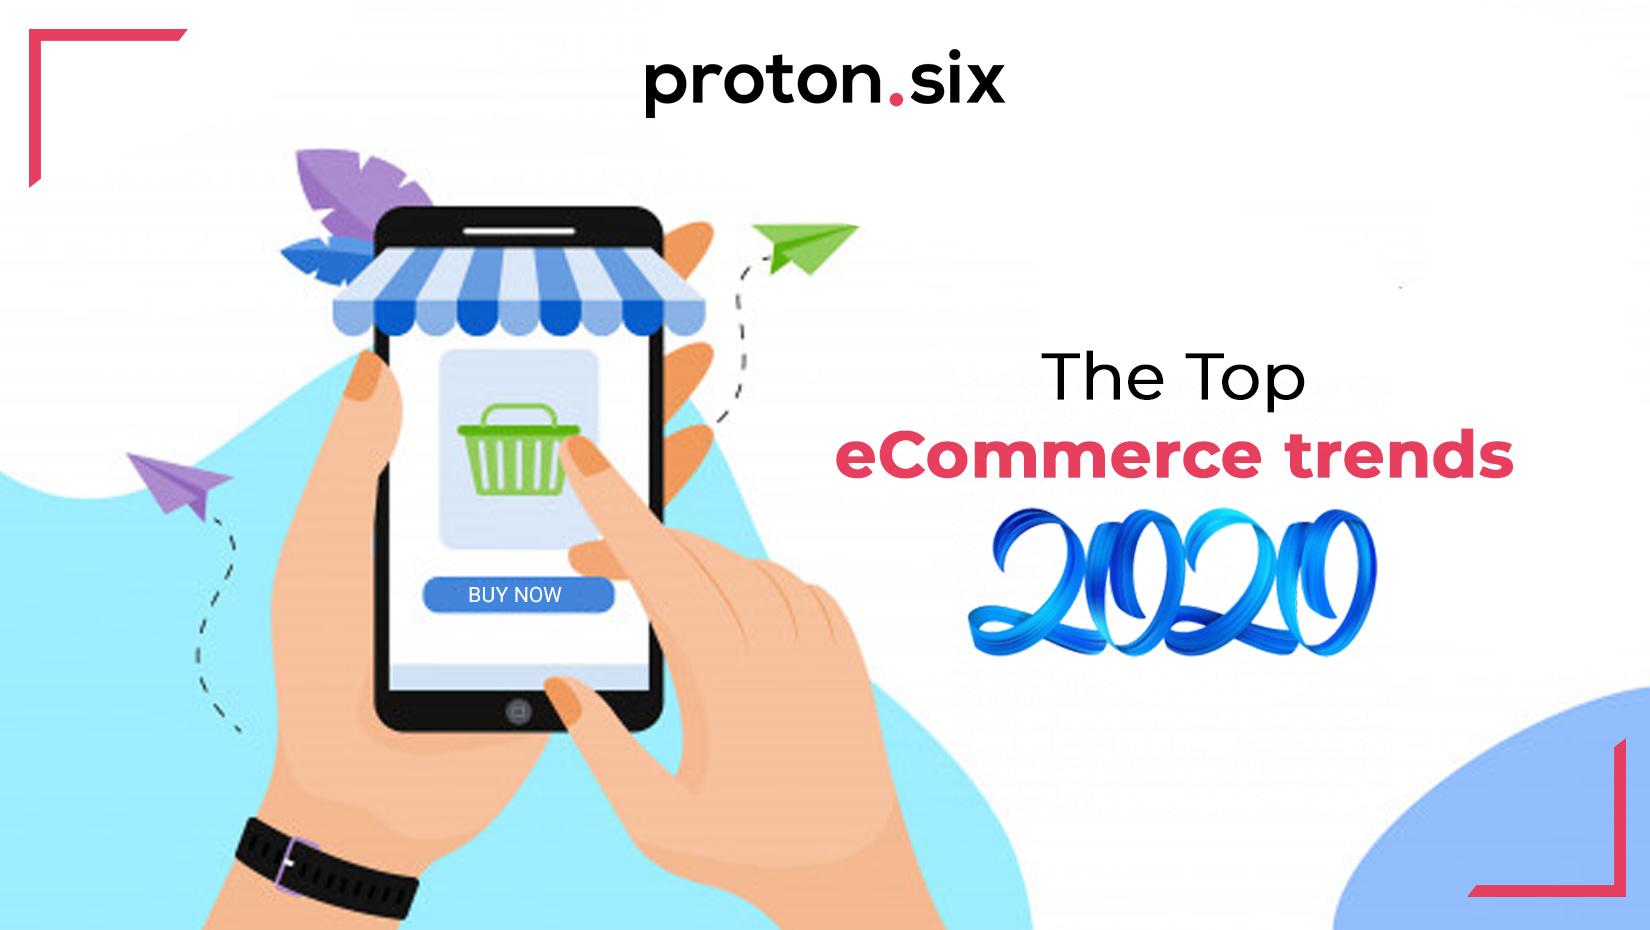 top ecommerce trends 2020